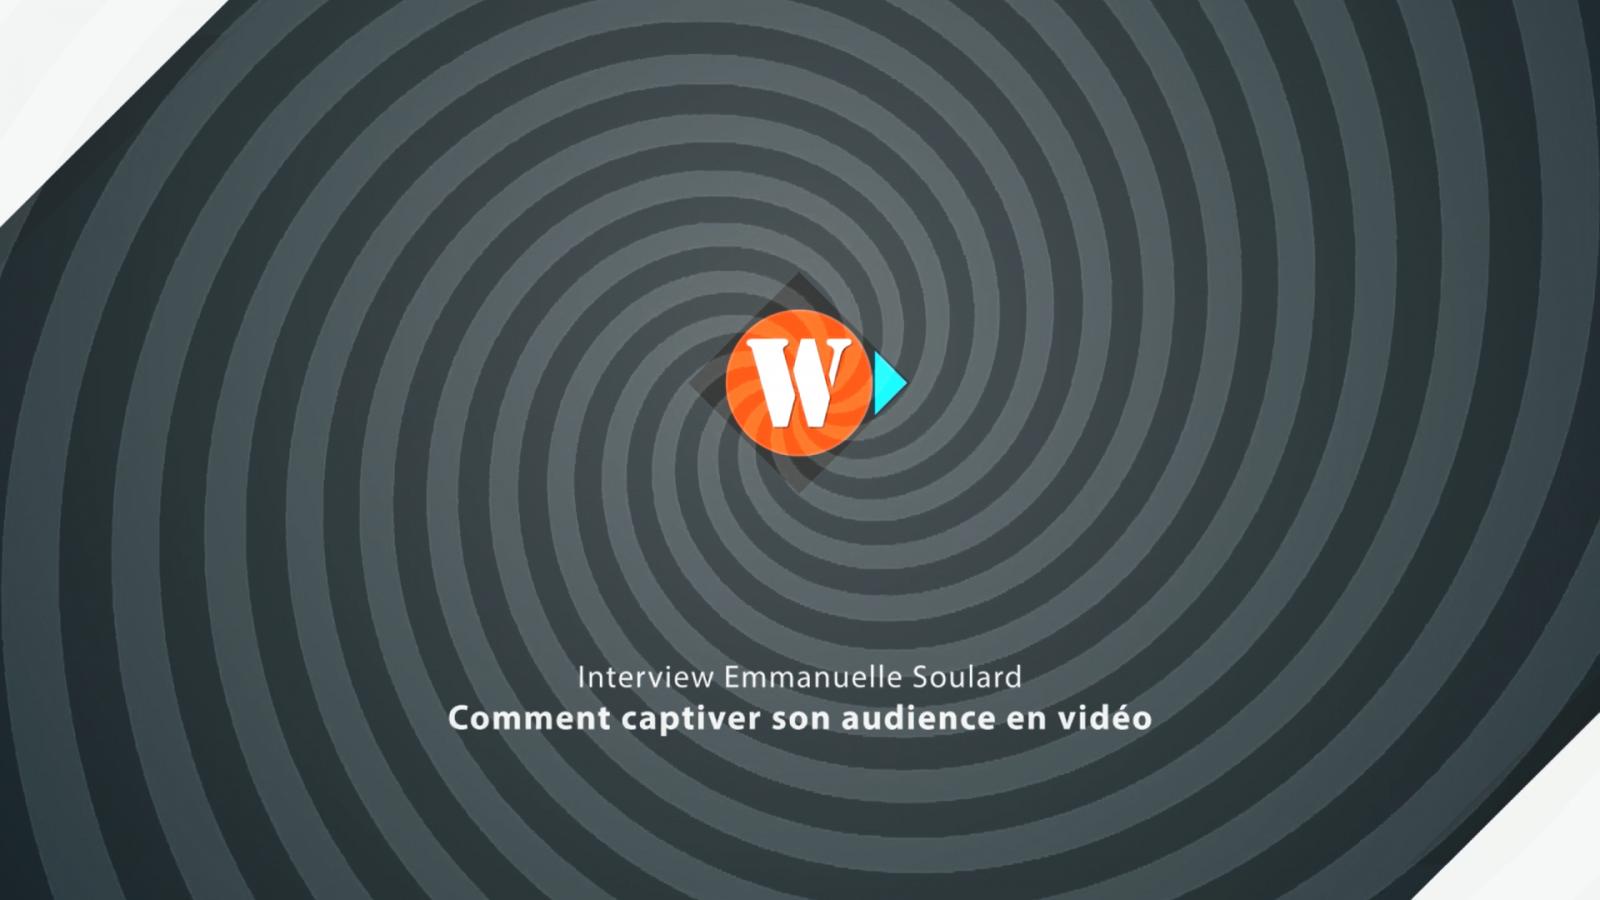 Comment captiver votre audience en vidéo - Interview de Emmanuelle soulard